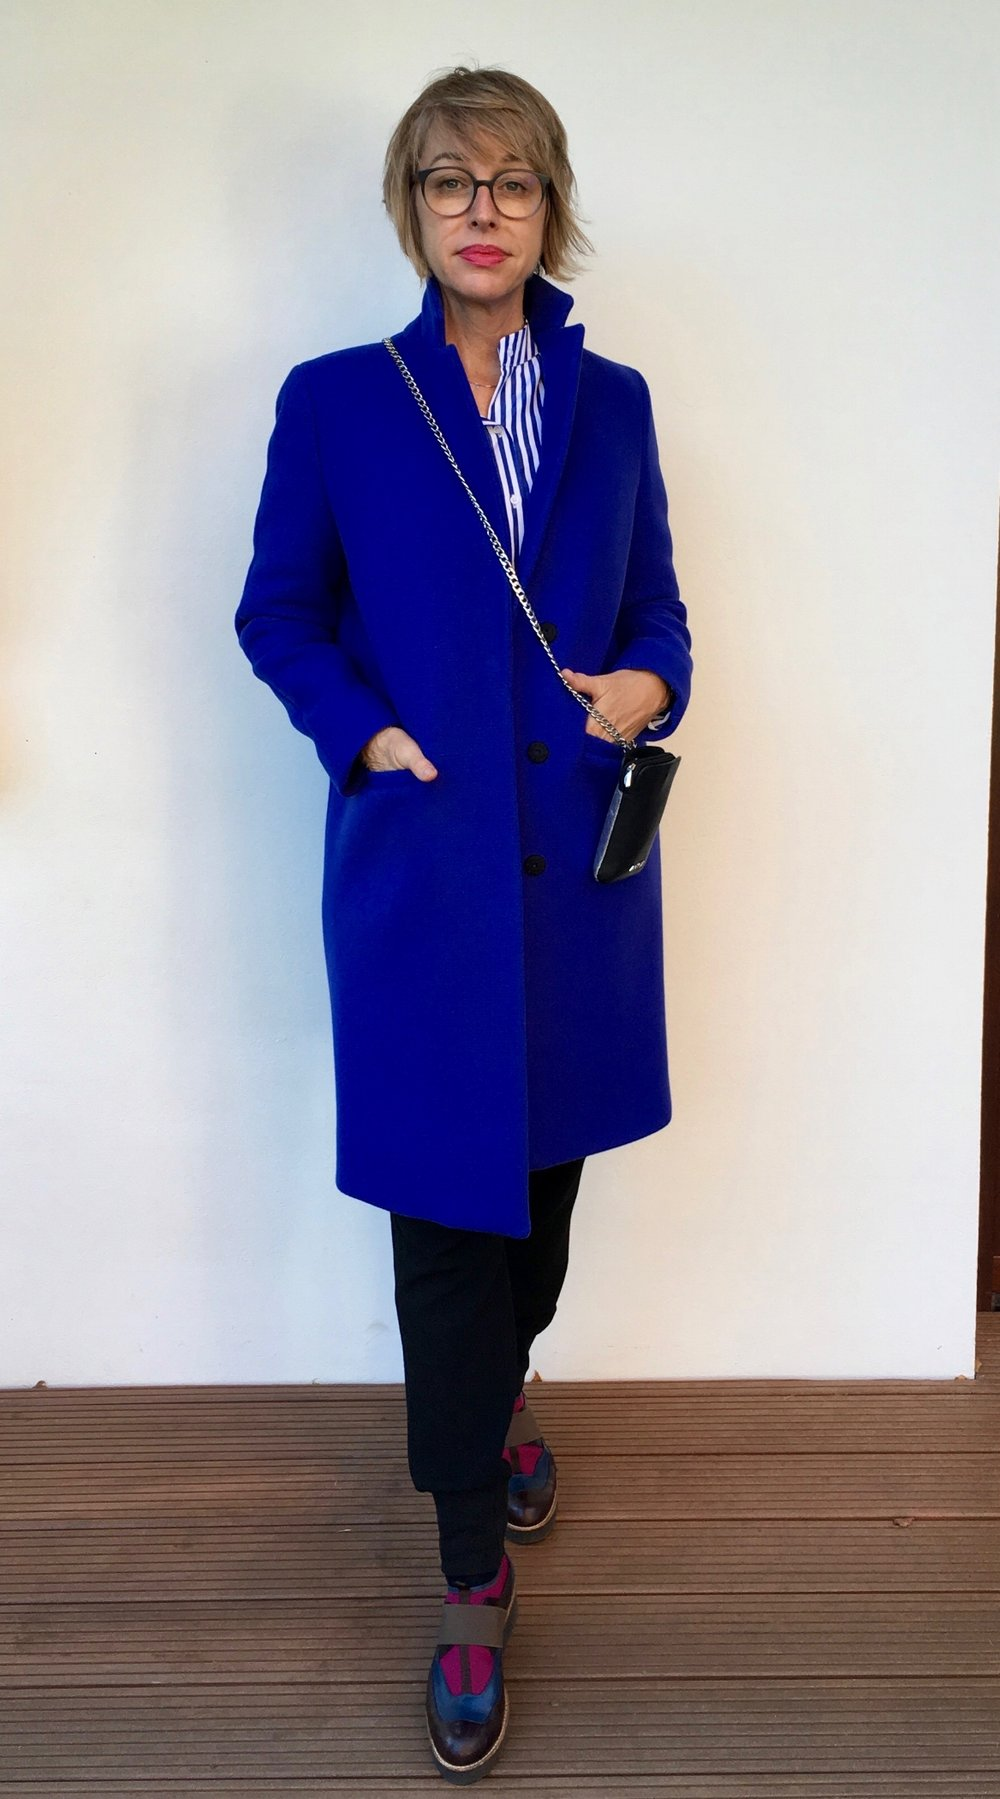 Mode für Frauen über 50 Blog Herbstmode BeFifty